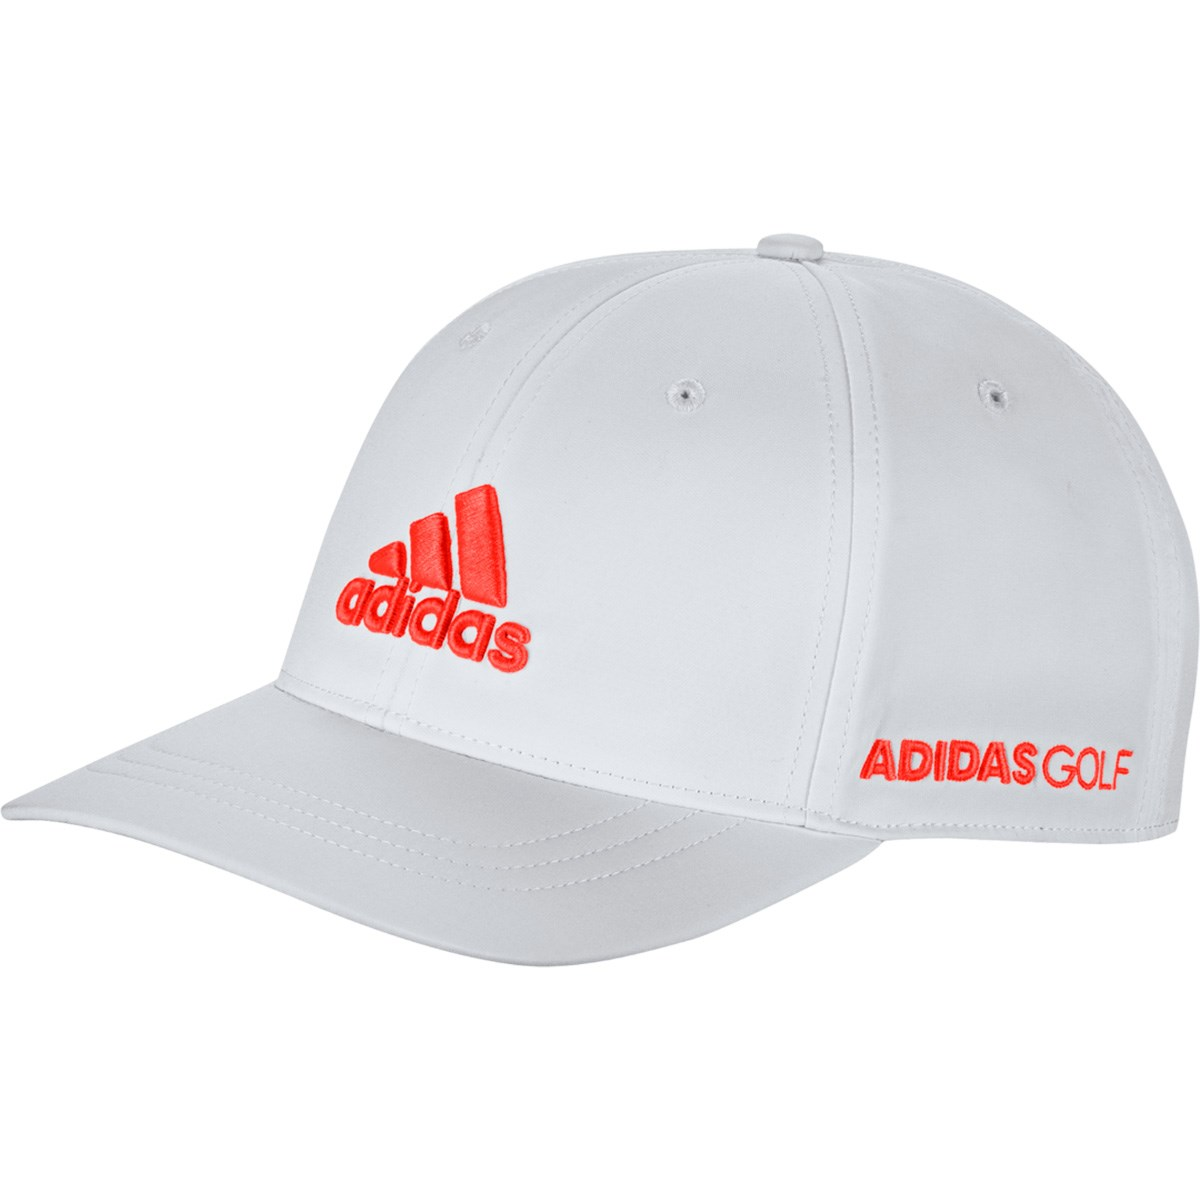 アディダス Adidas ツアーキャップ OSFX ホワイト/ソーラーレッド